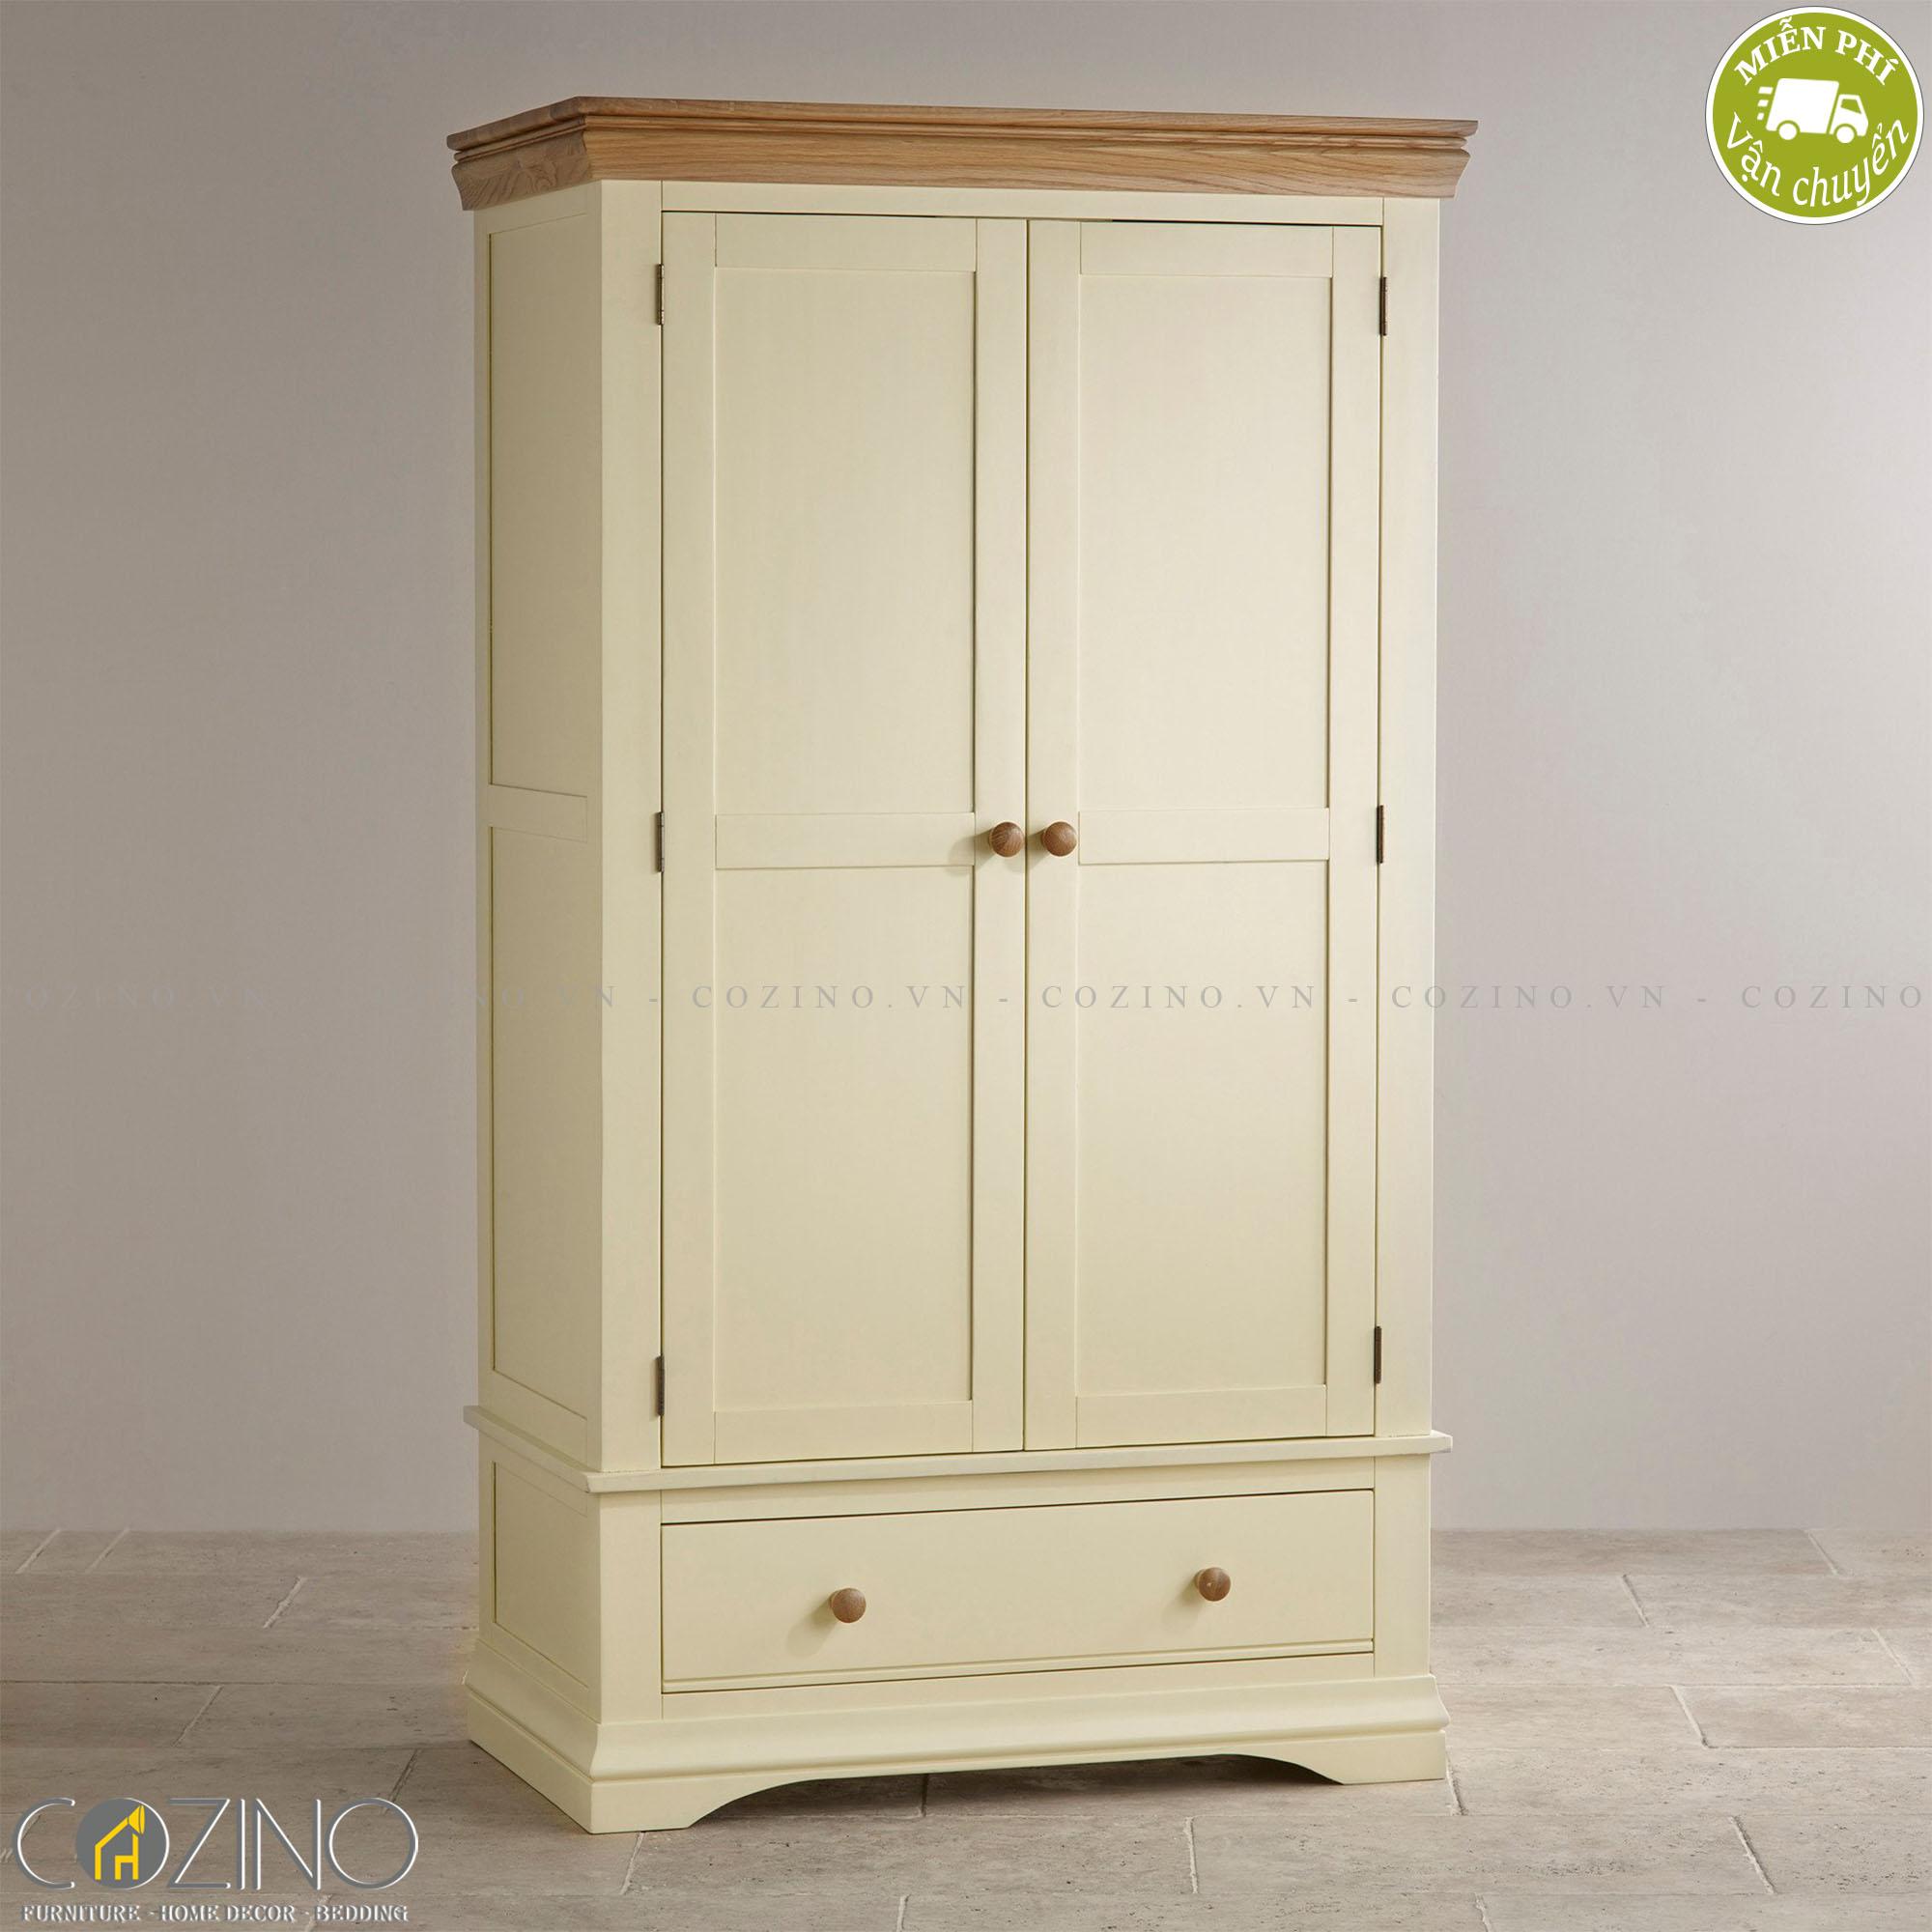 Tủ quần áo Canary 2 cánh 1 ngăn kéo gỗ sồi 1m4